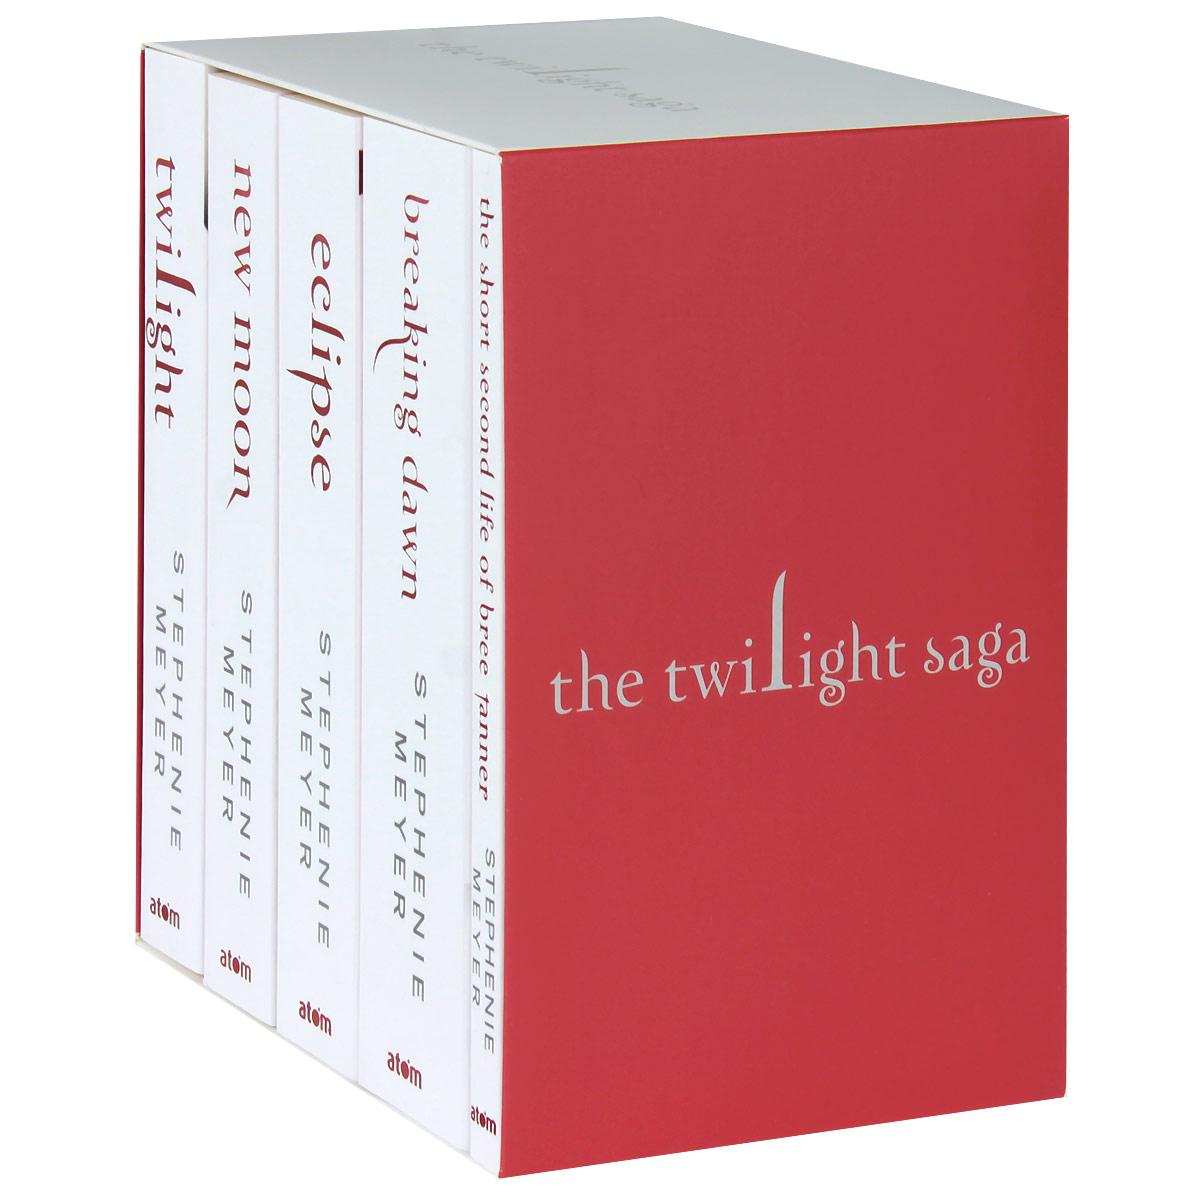 The Twilight Saga (комплект из 5 книг) и бунин комплект из 5 книг